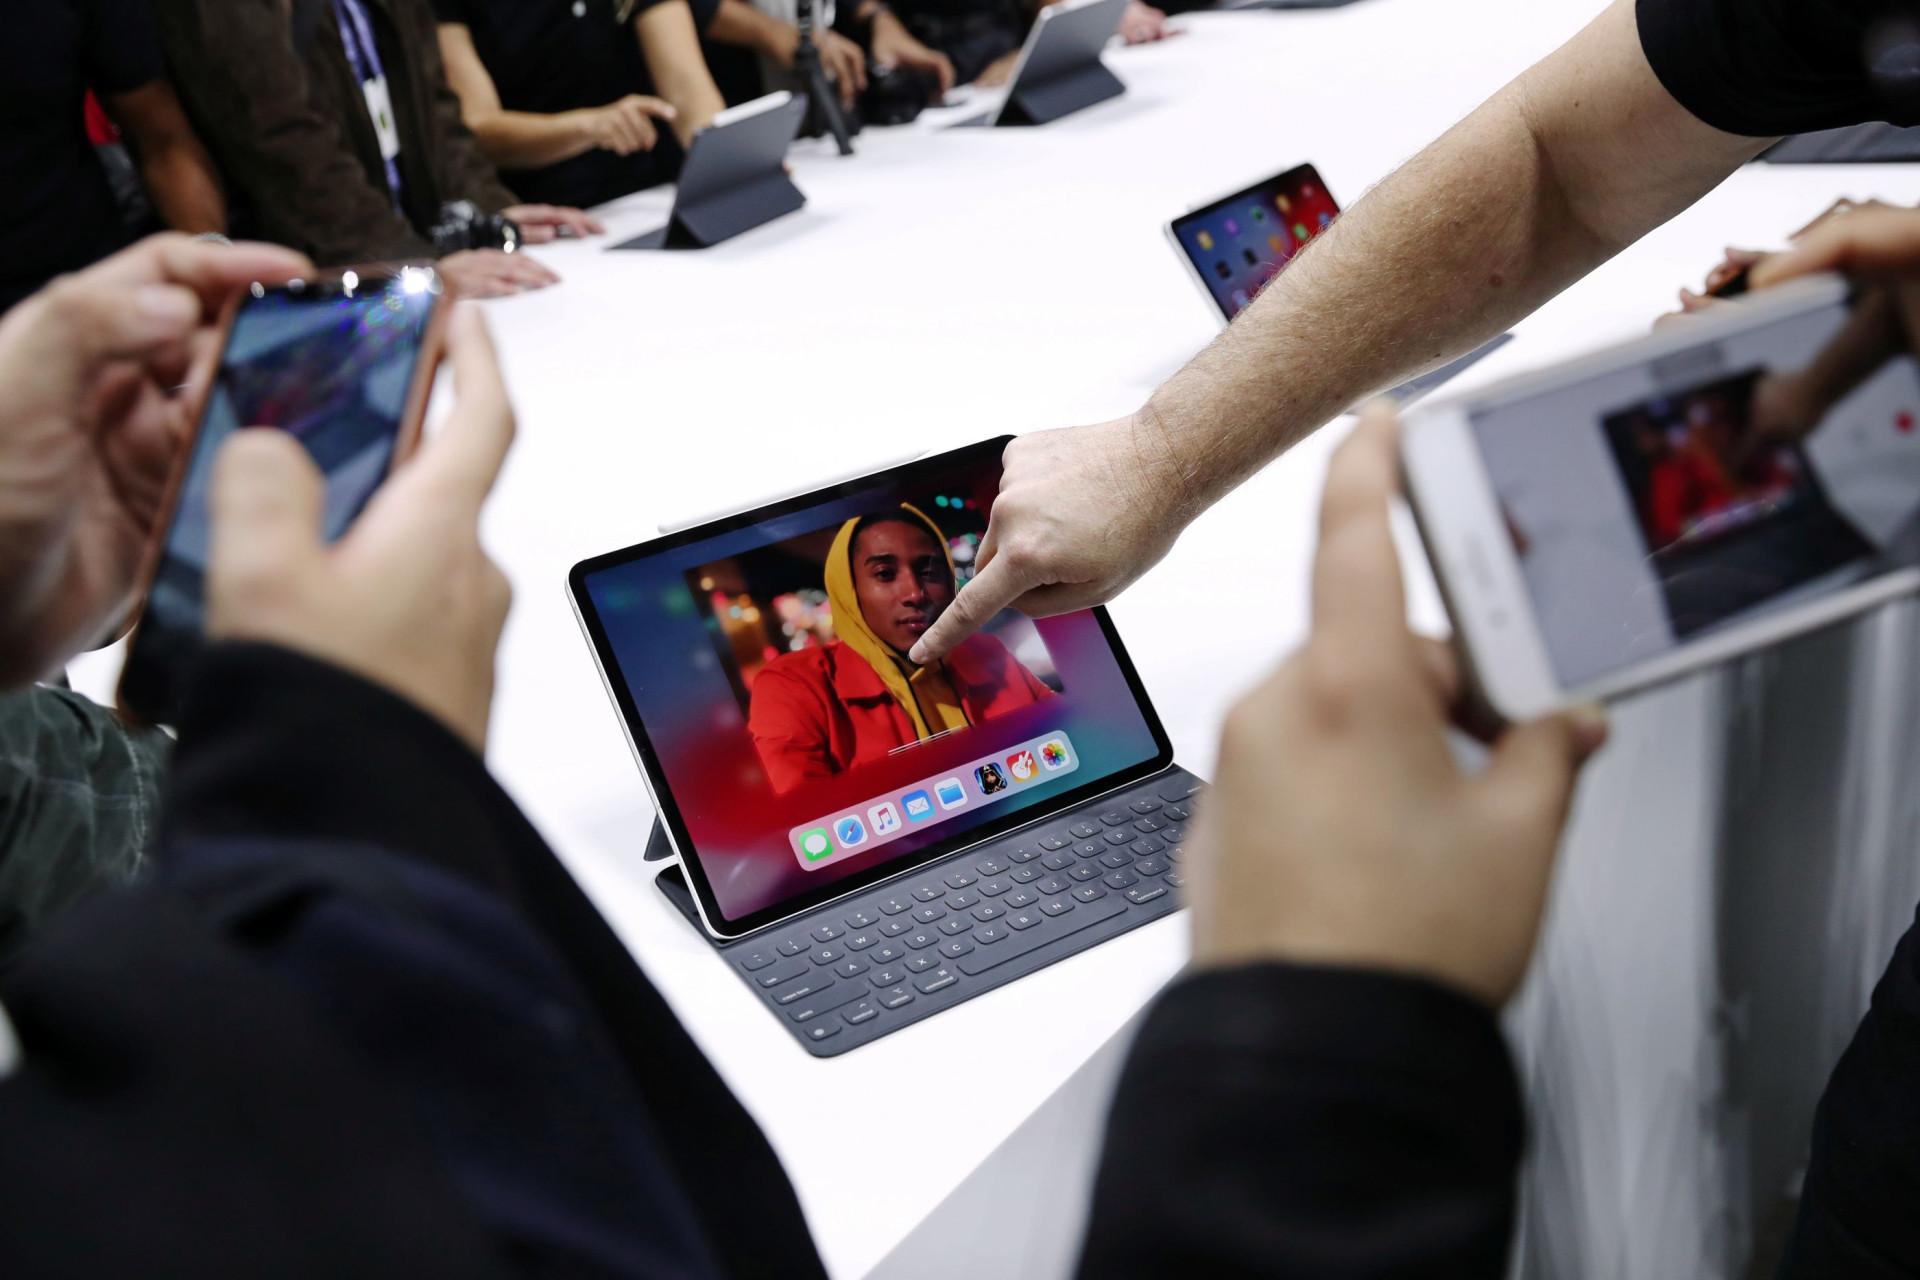 Novos iPad e MacBook foram as 'estrelas' do último evento da Apple